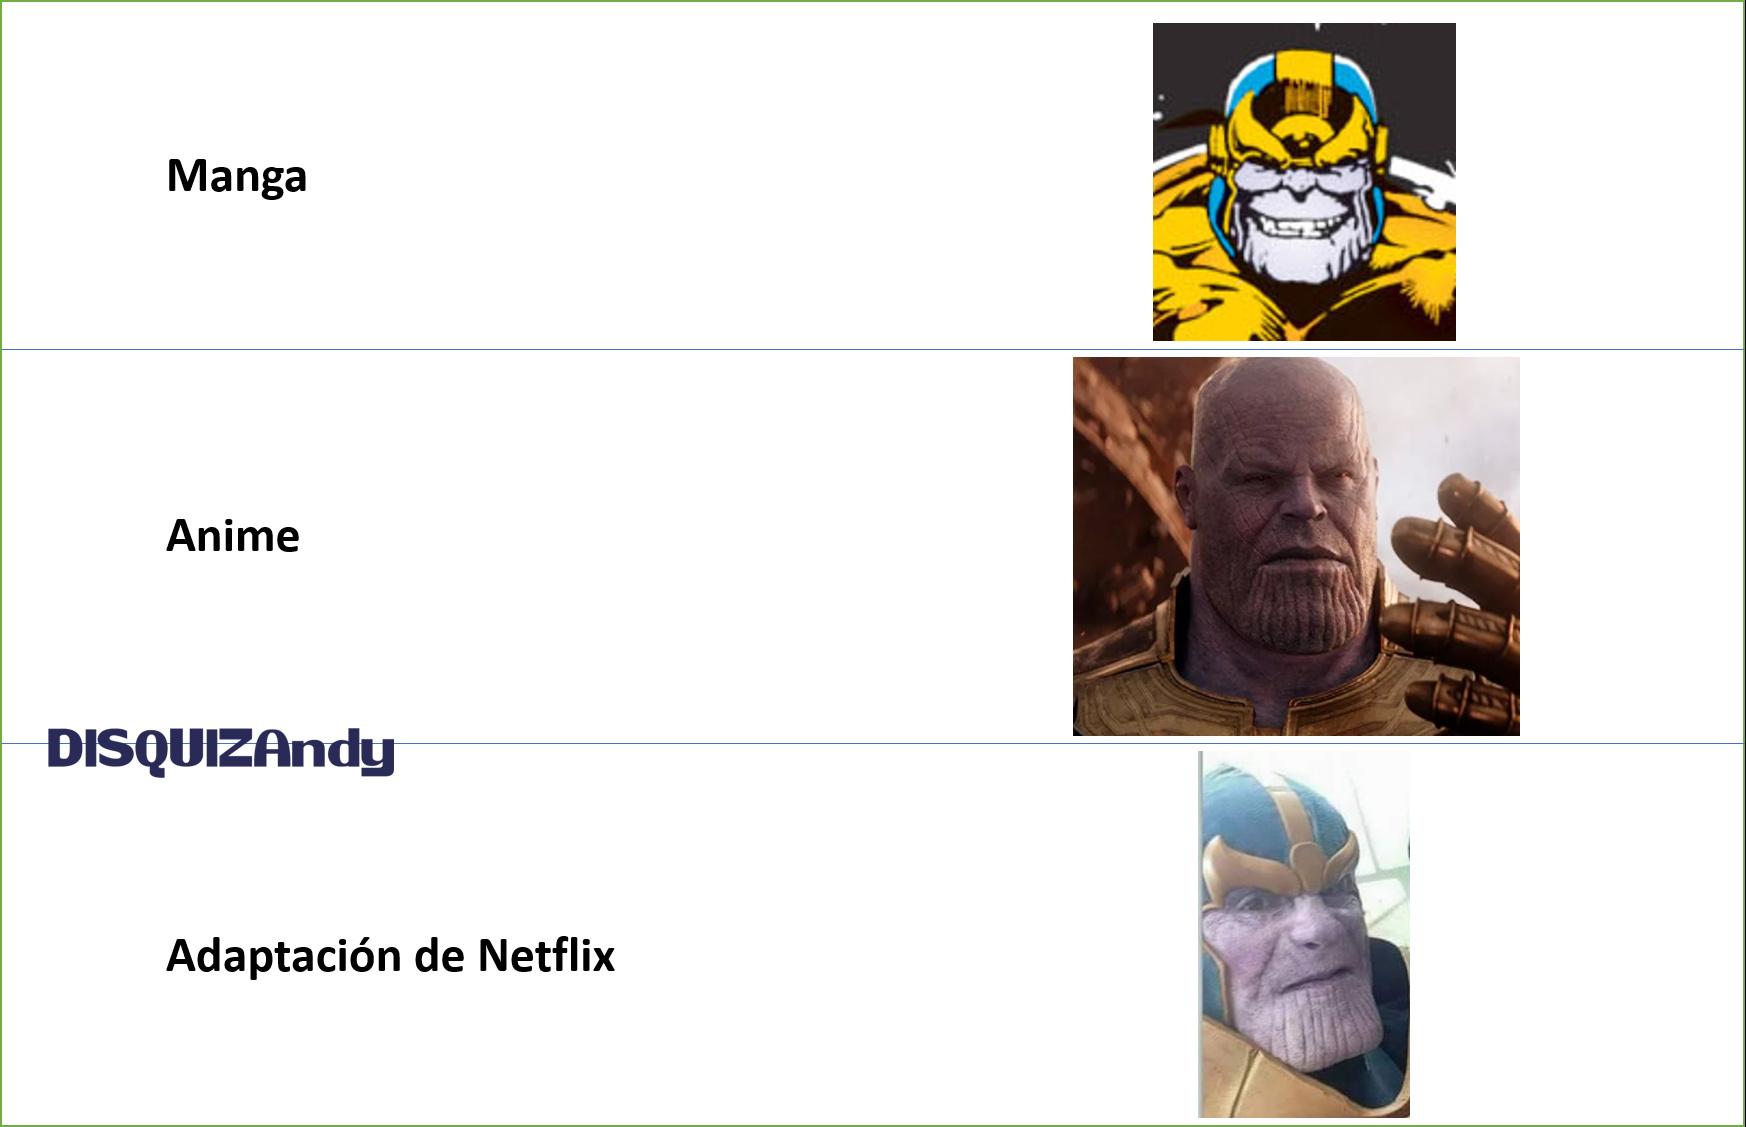 Thanos y sus adaptaciones (me quedo con la de Netflix) - meme